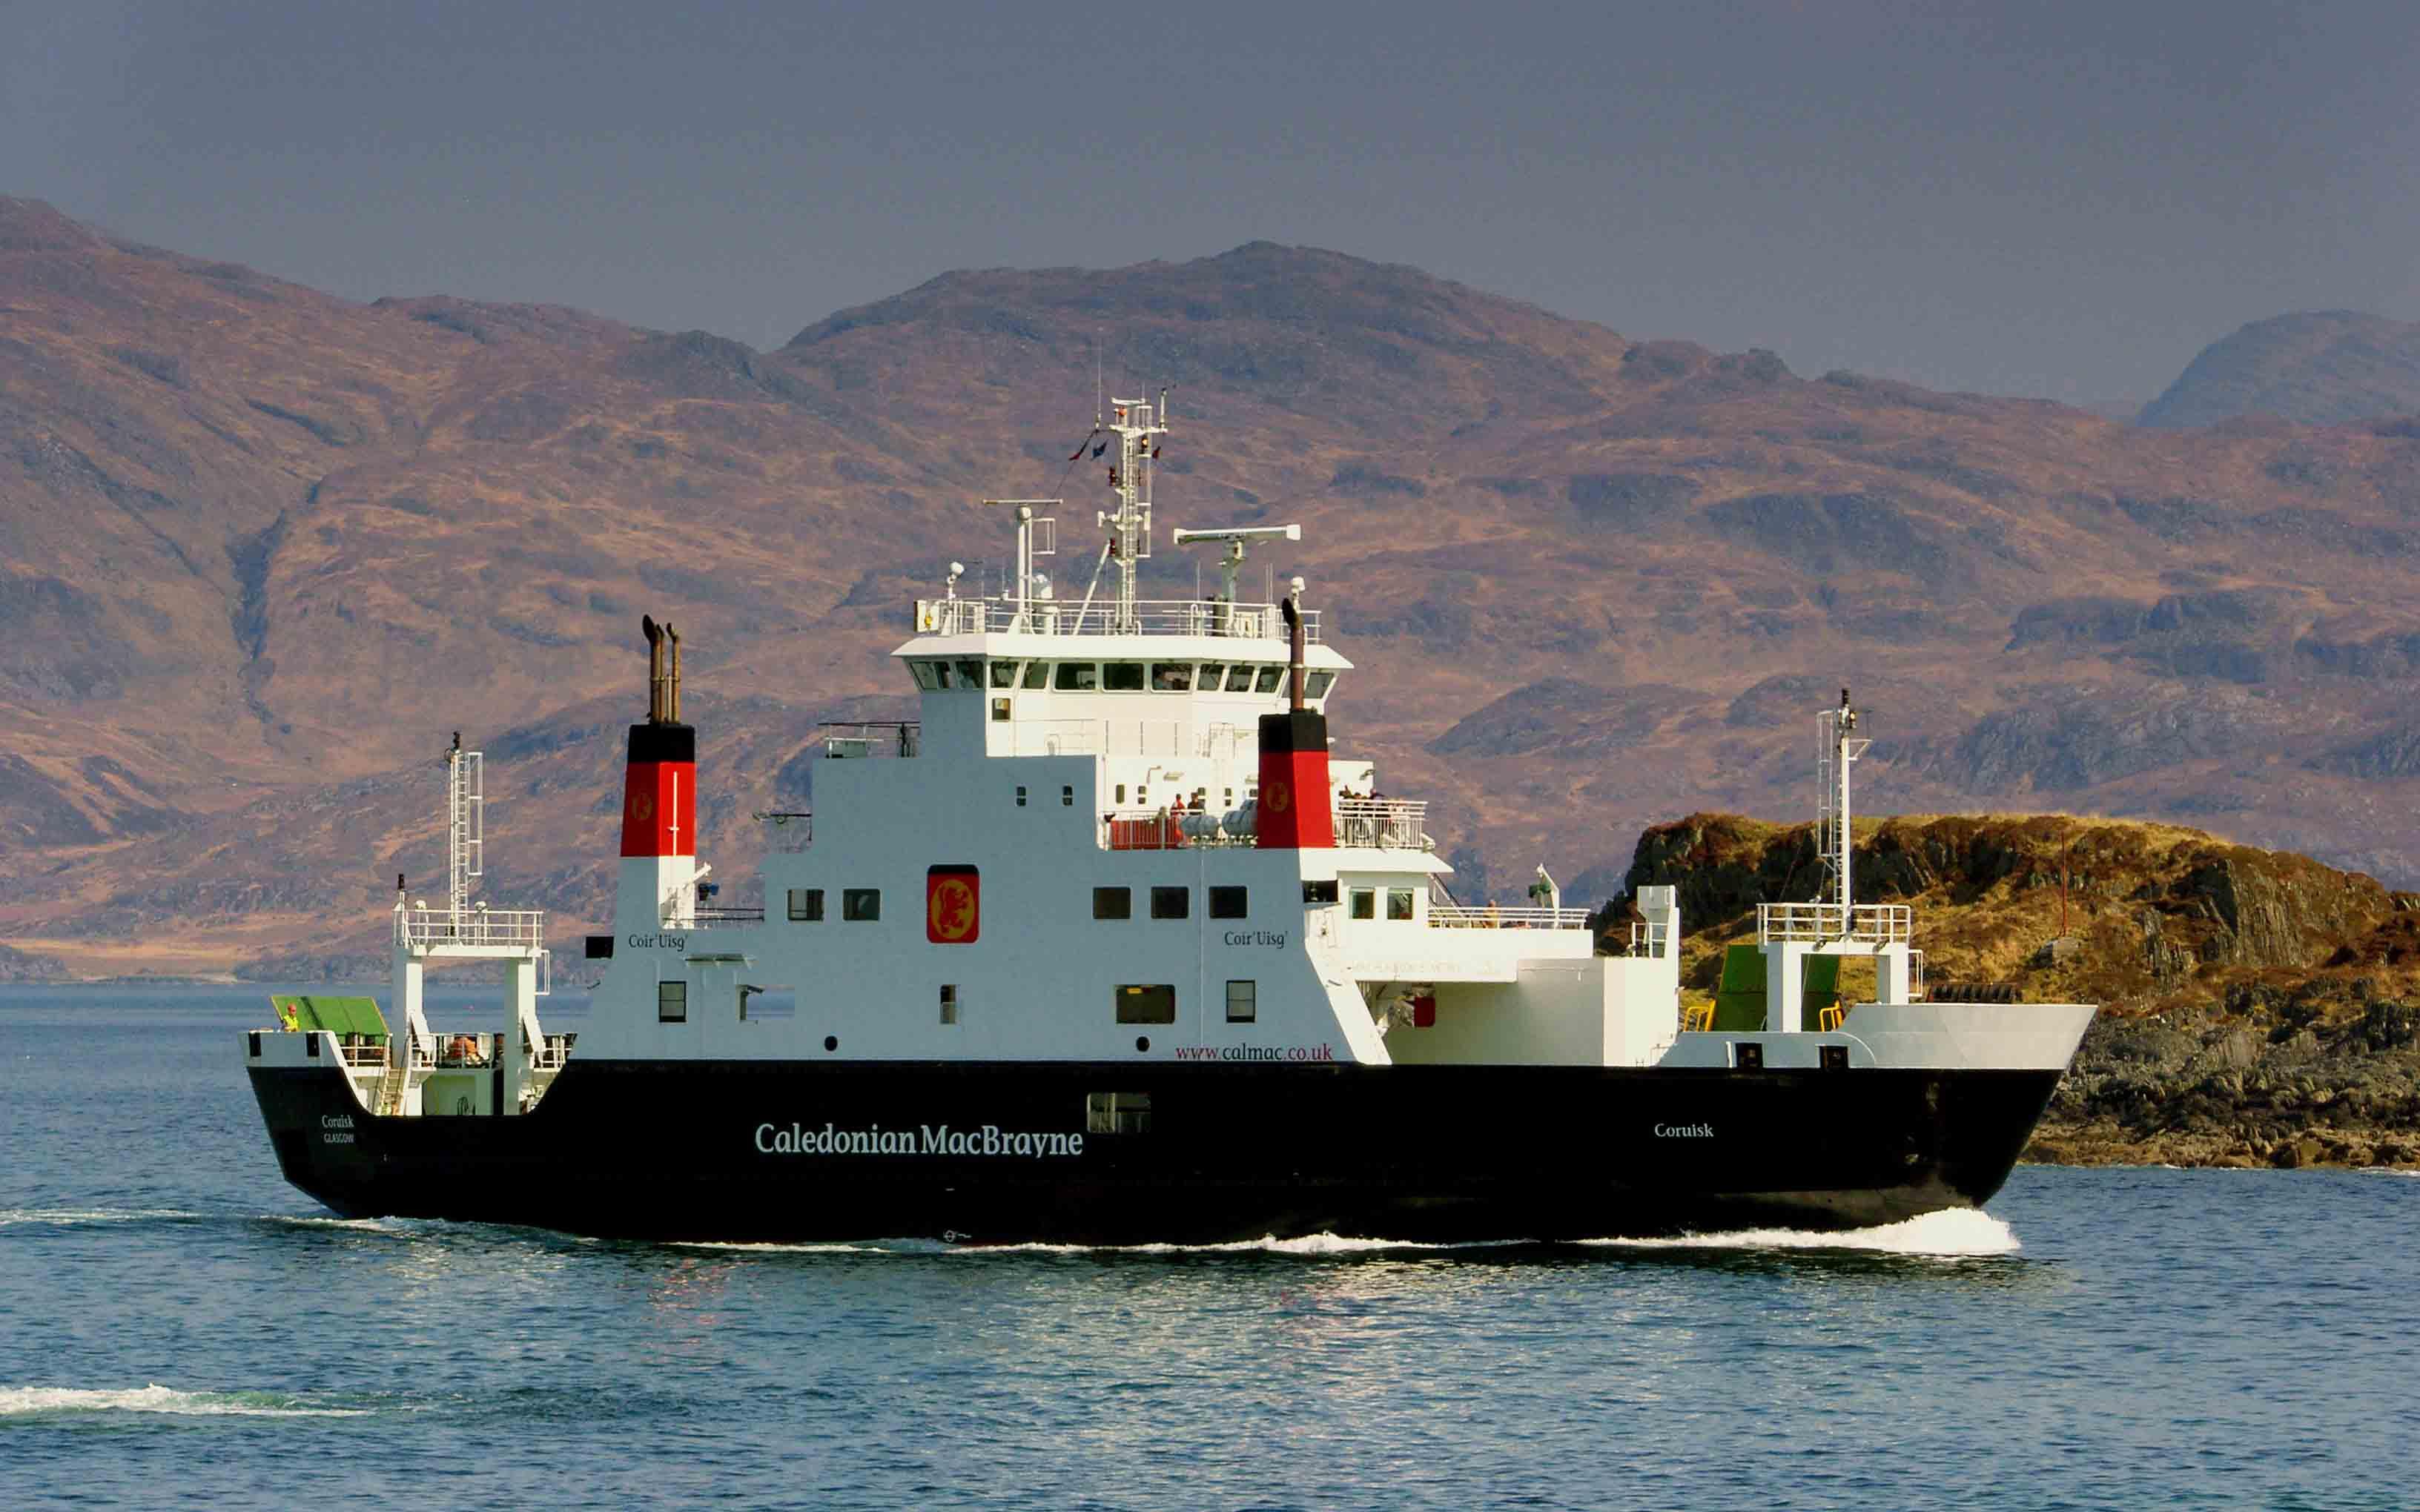 Coruisk entering Mallaig harbour (Ships of CalMac)